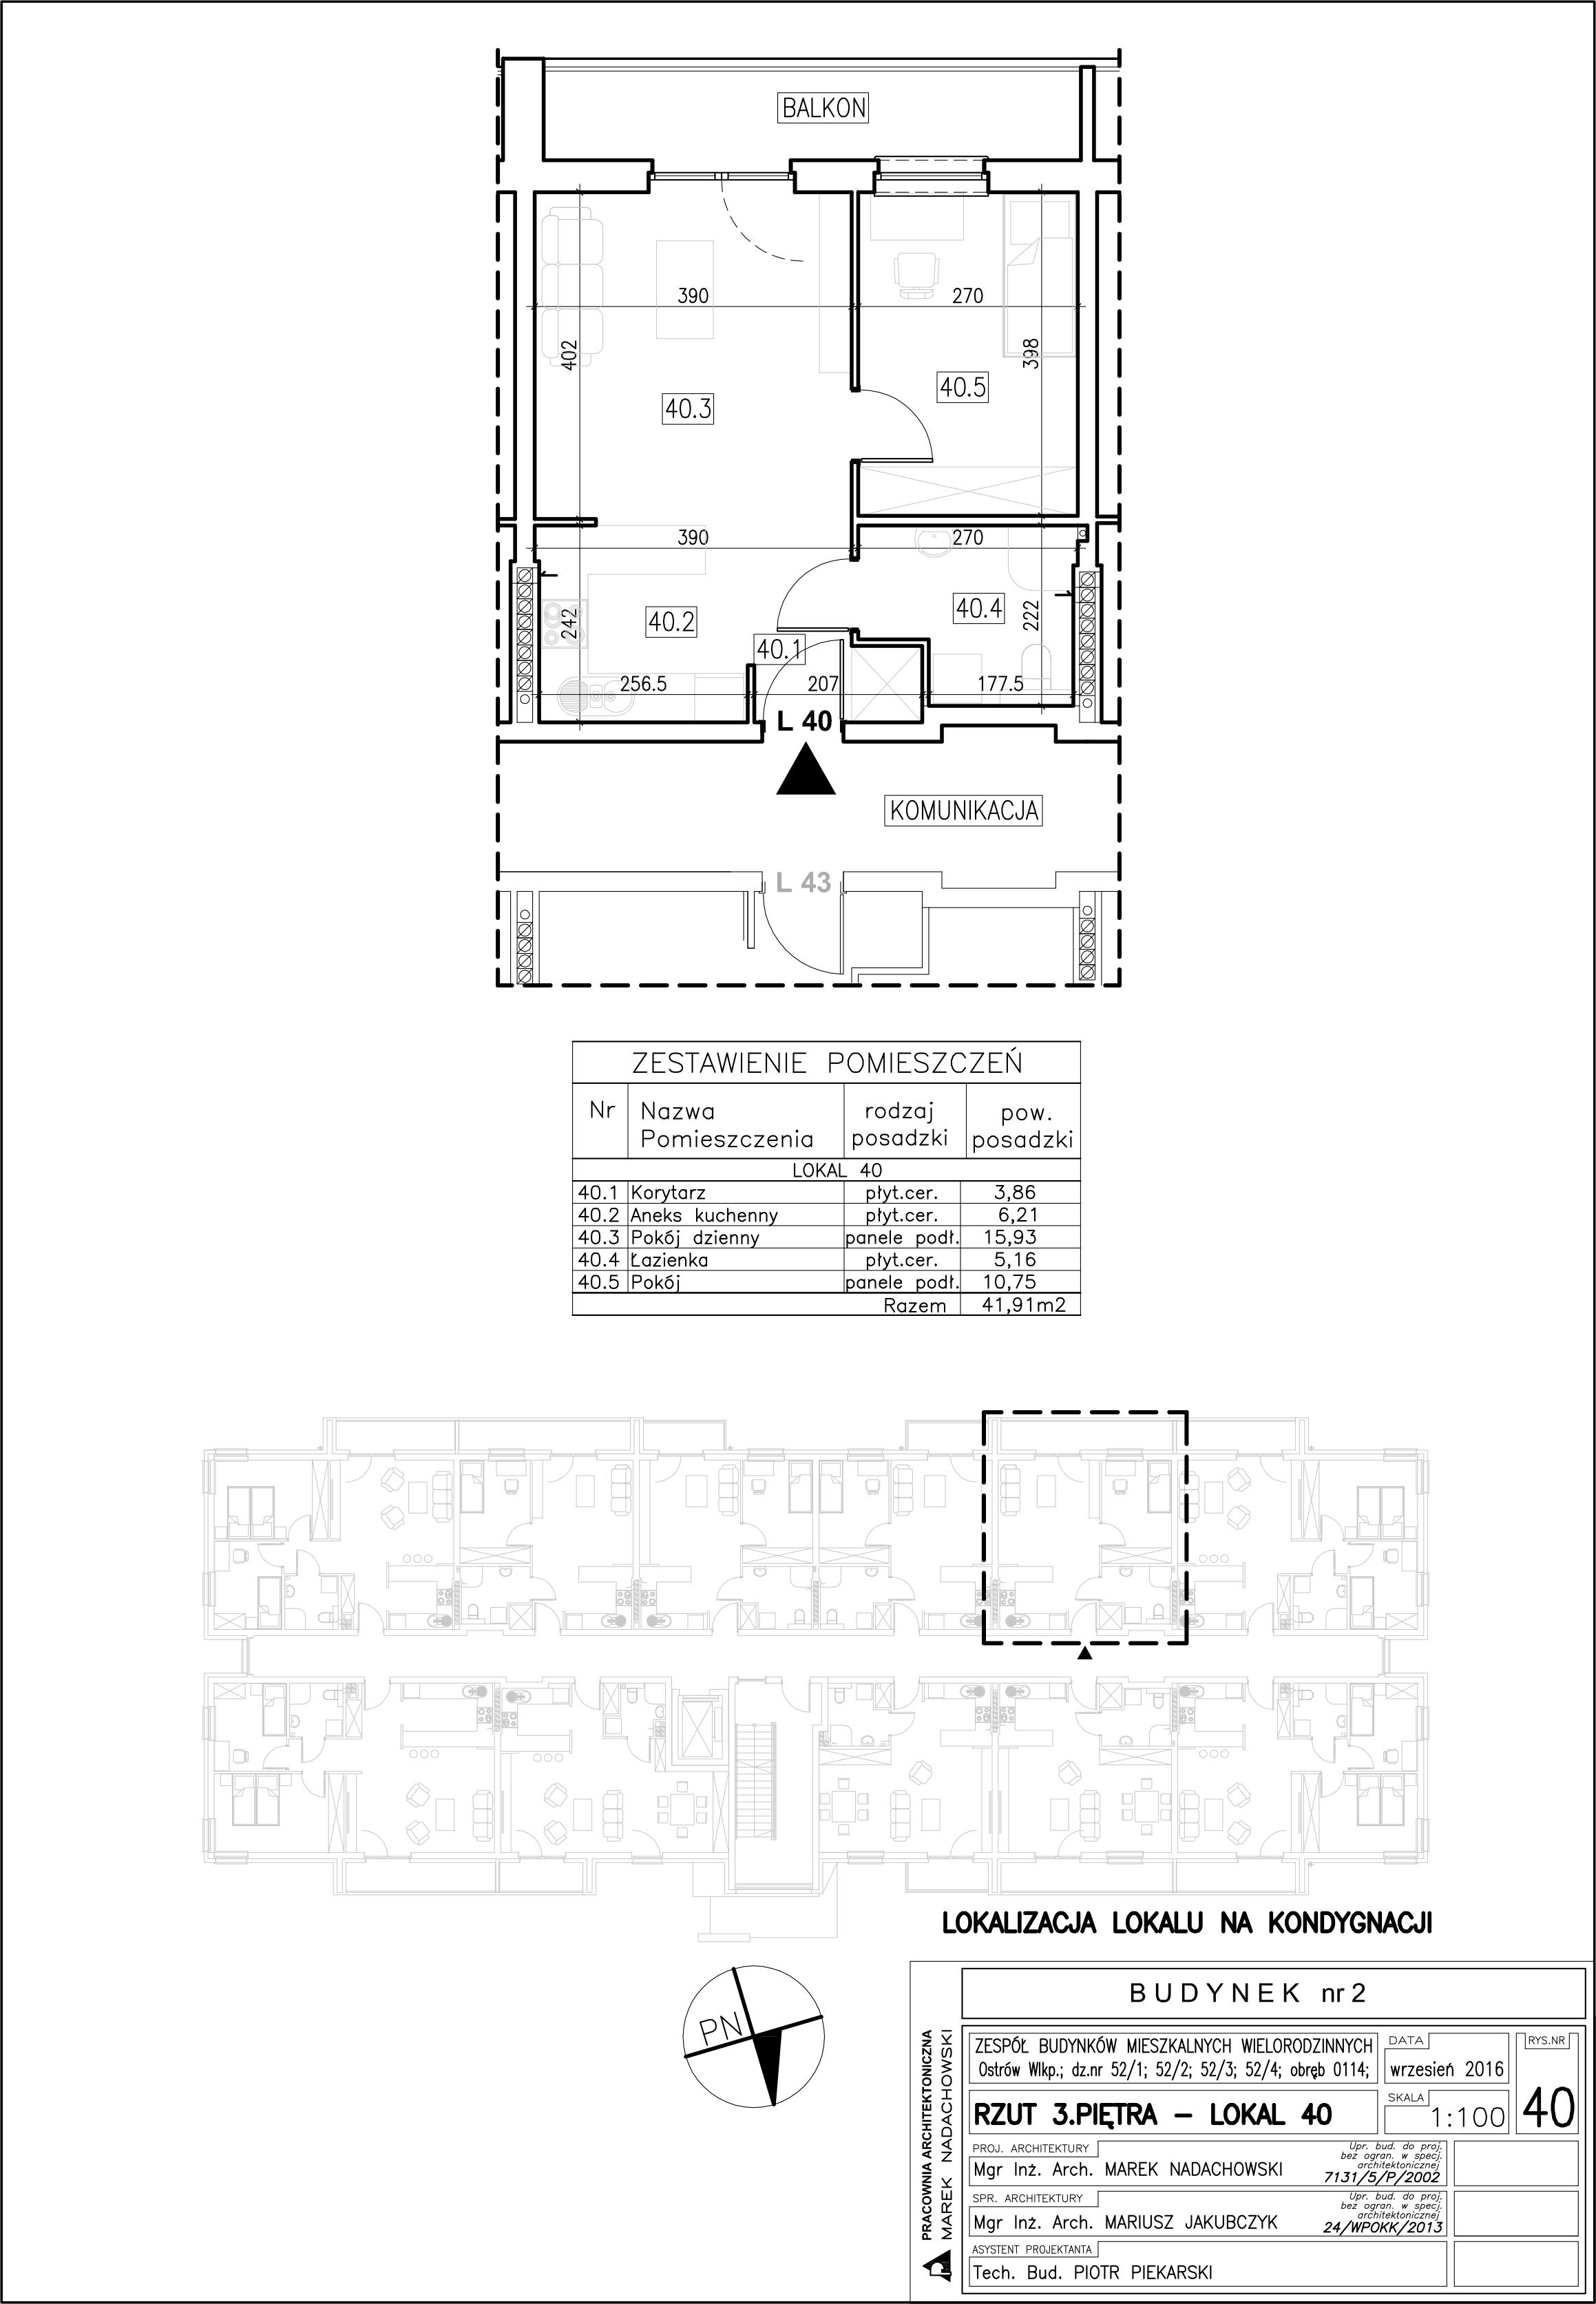 Lokal nr 40 Powierzchnia: 41,91 m2